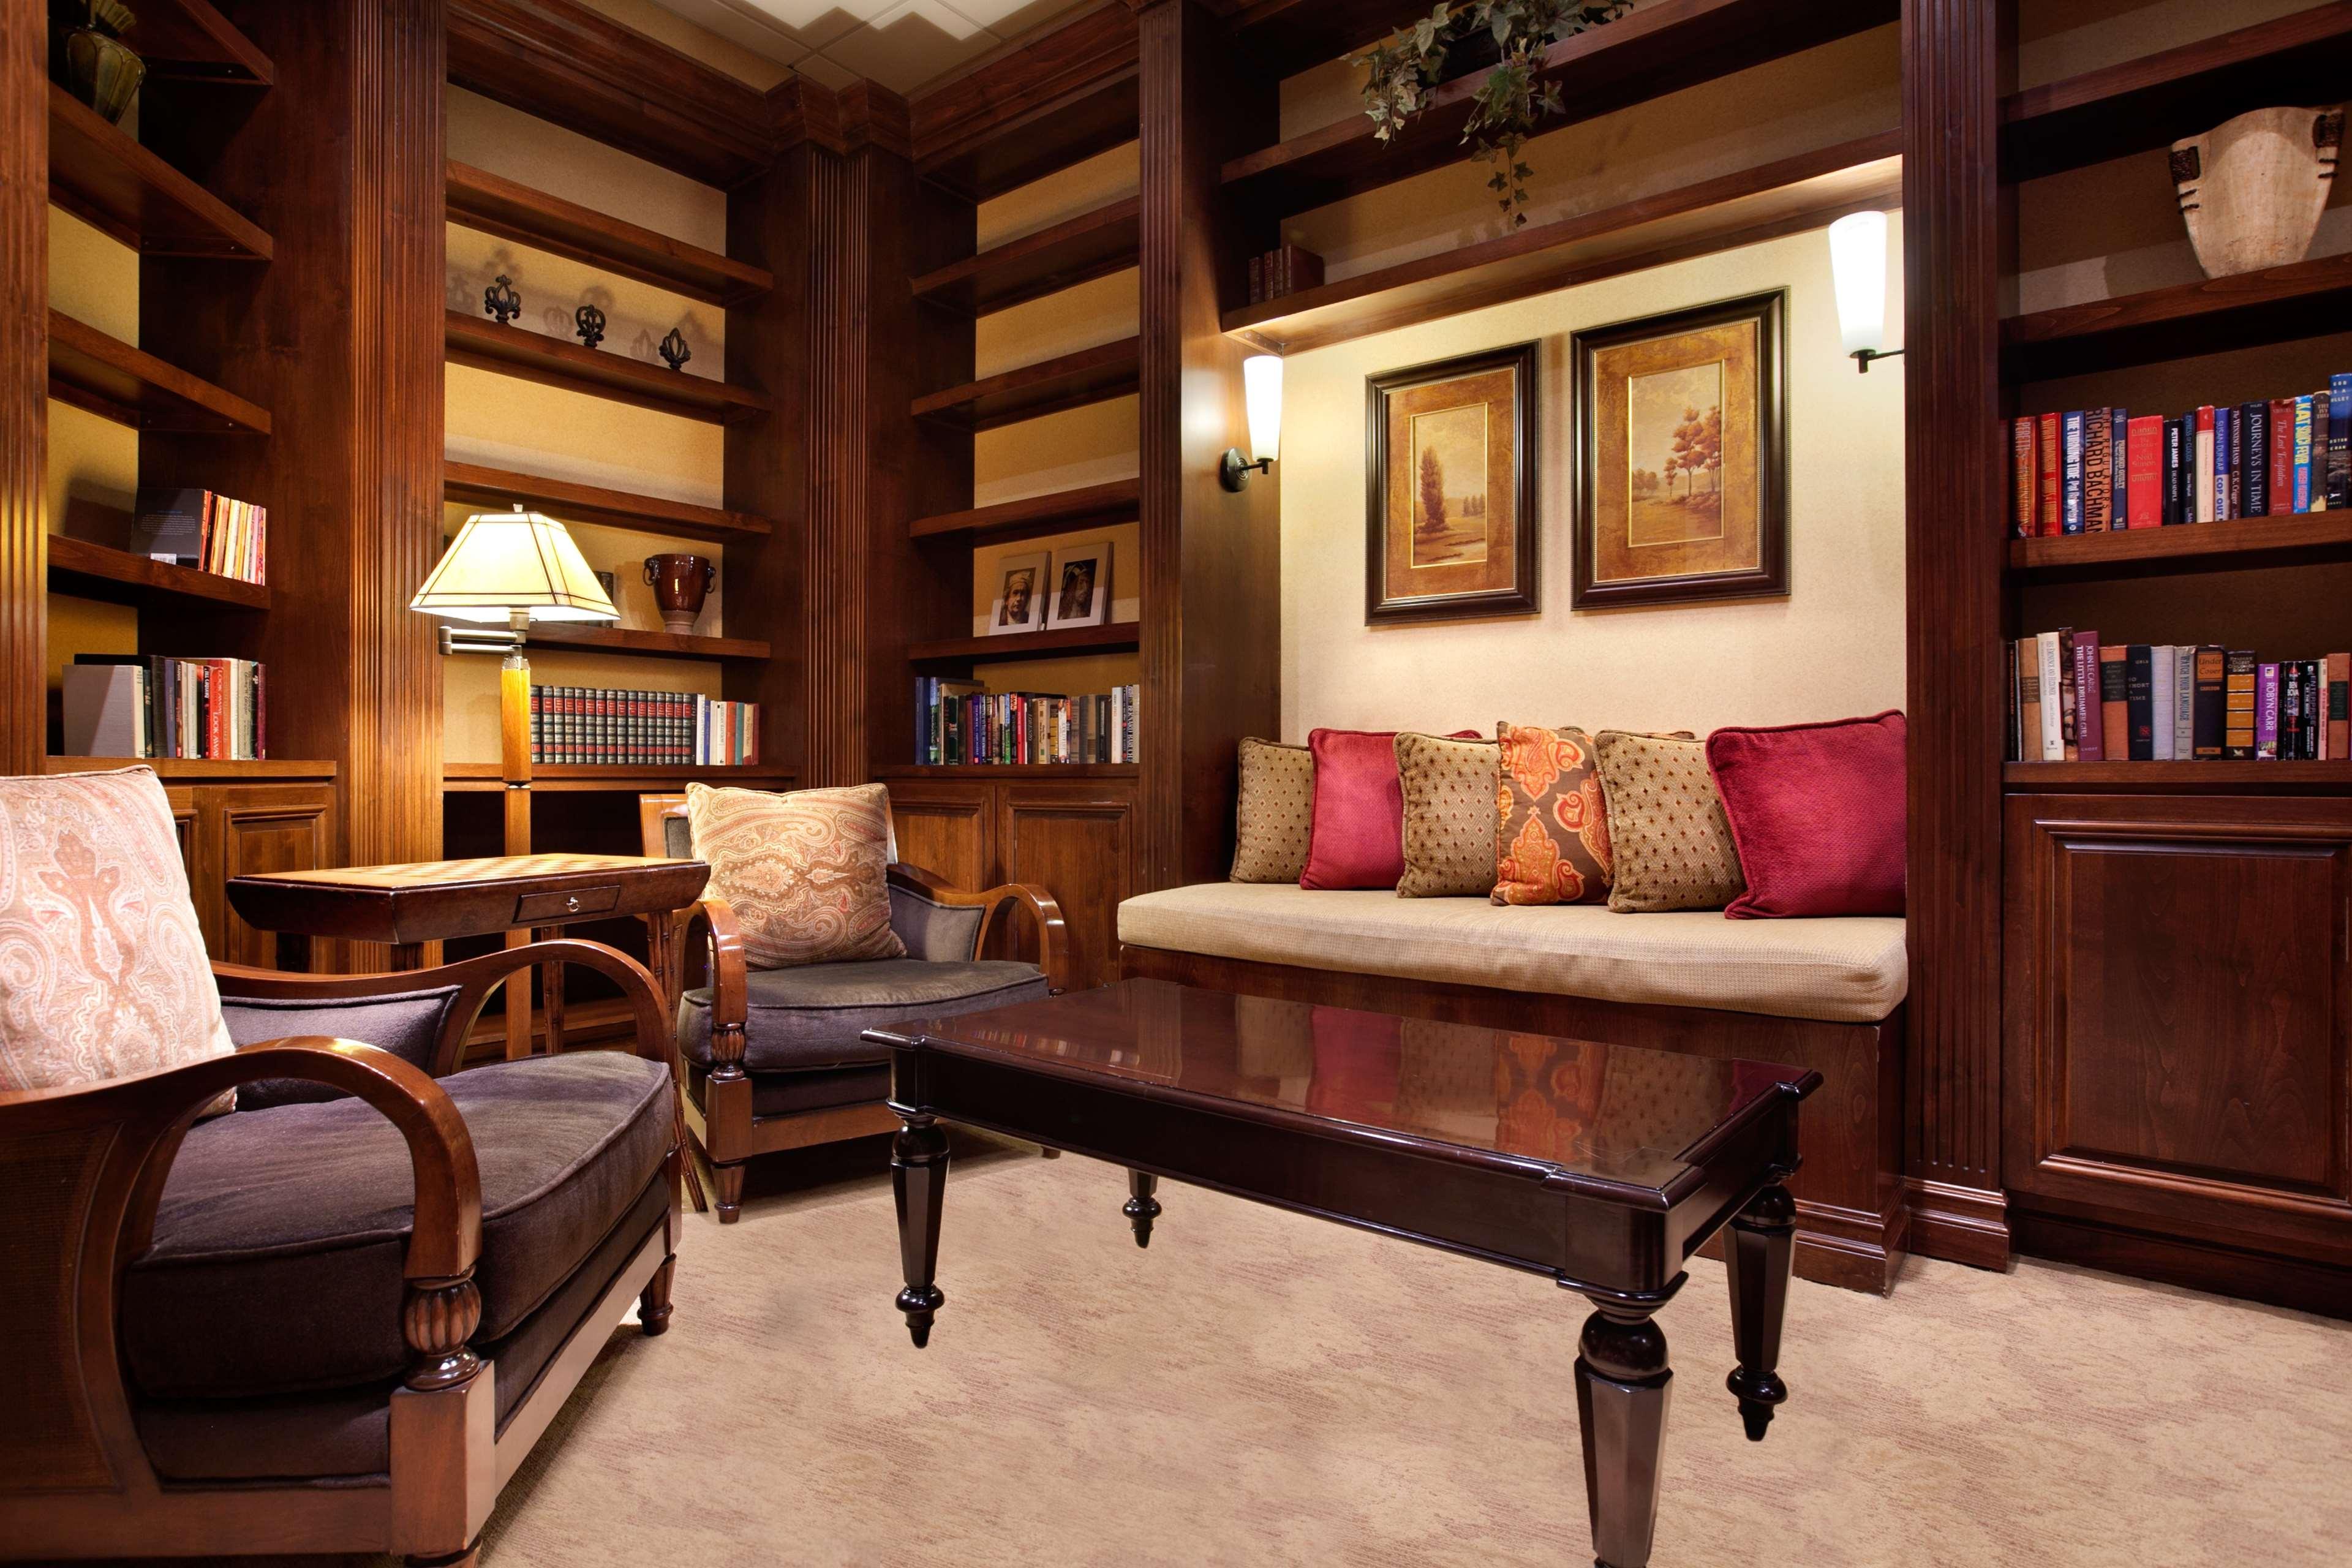 Embassy Suites by Hilton La Quinta Hotel & Spa image 42